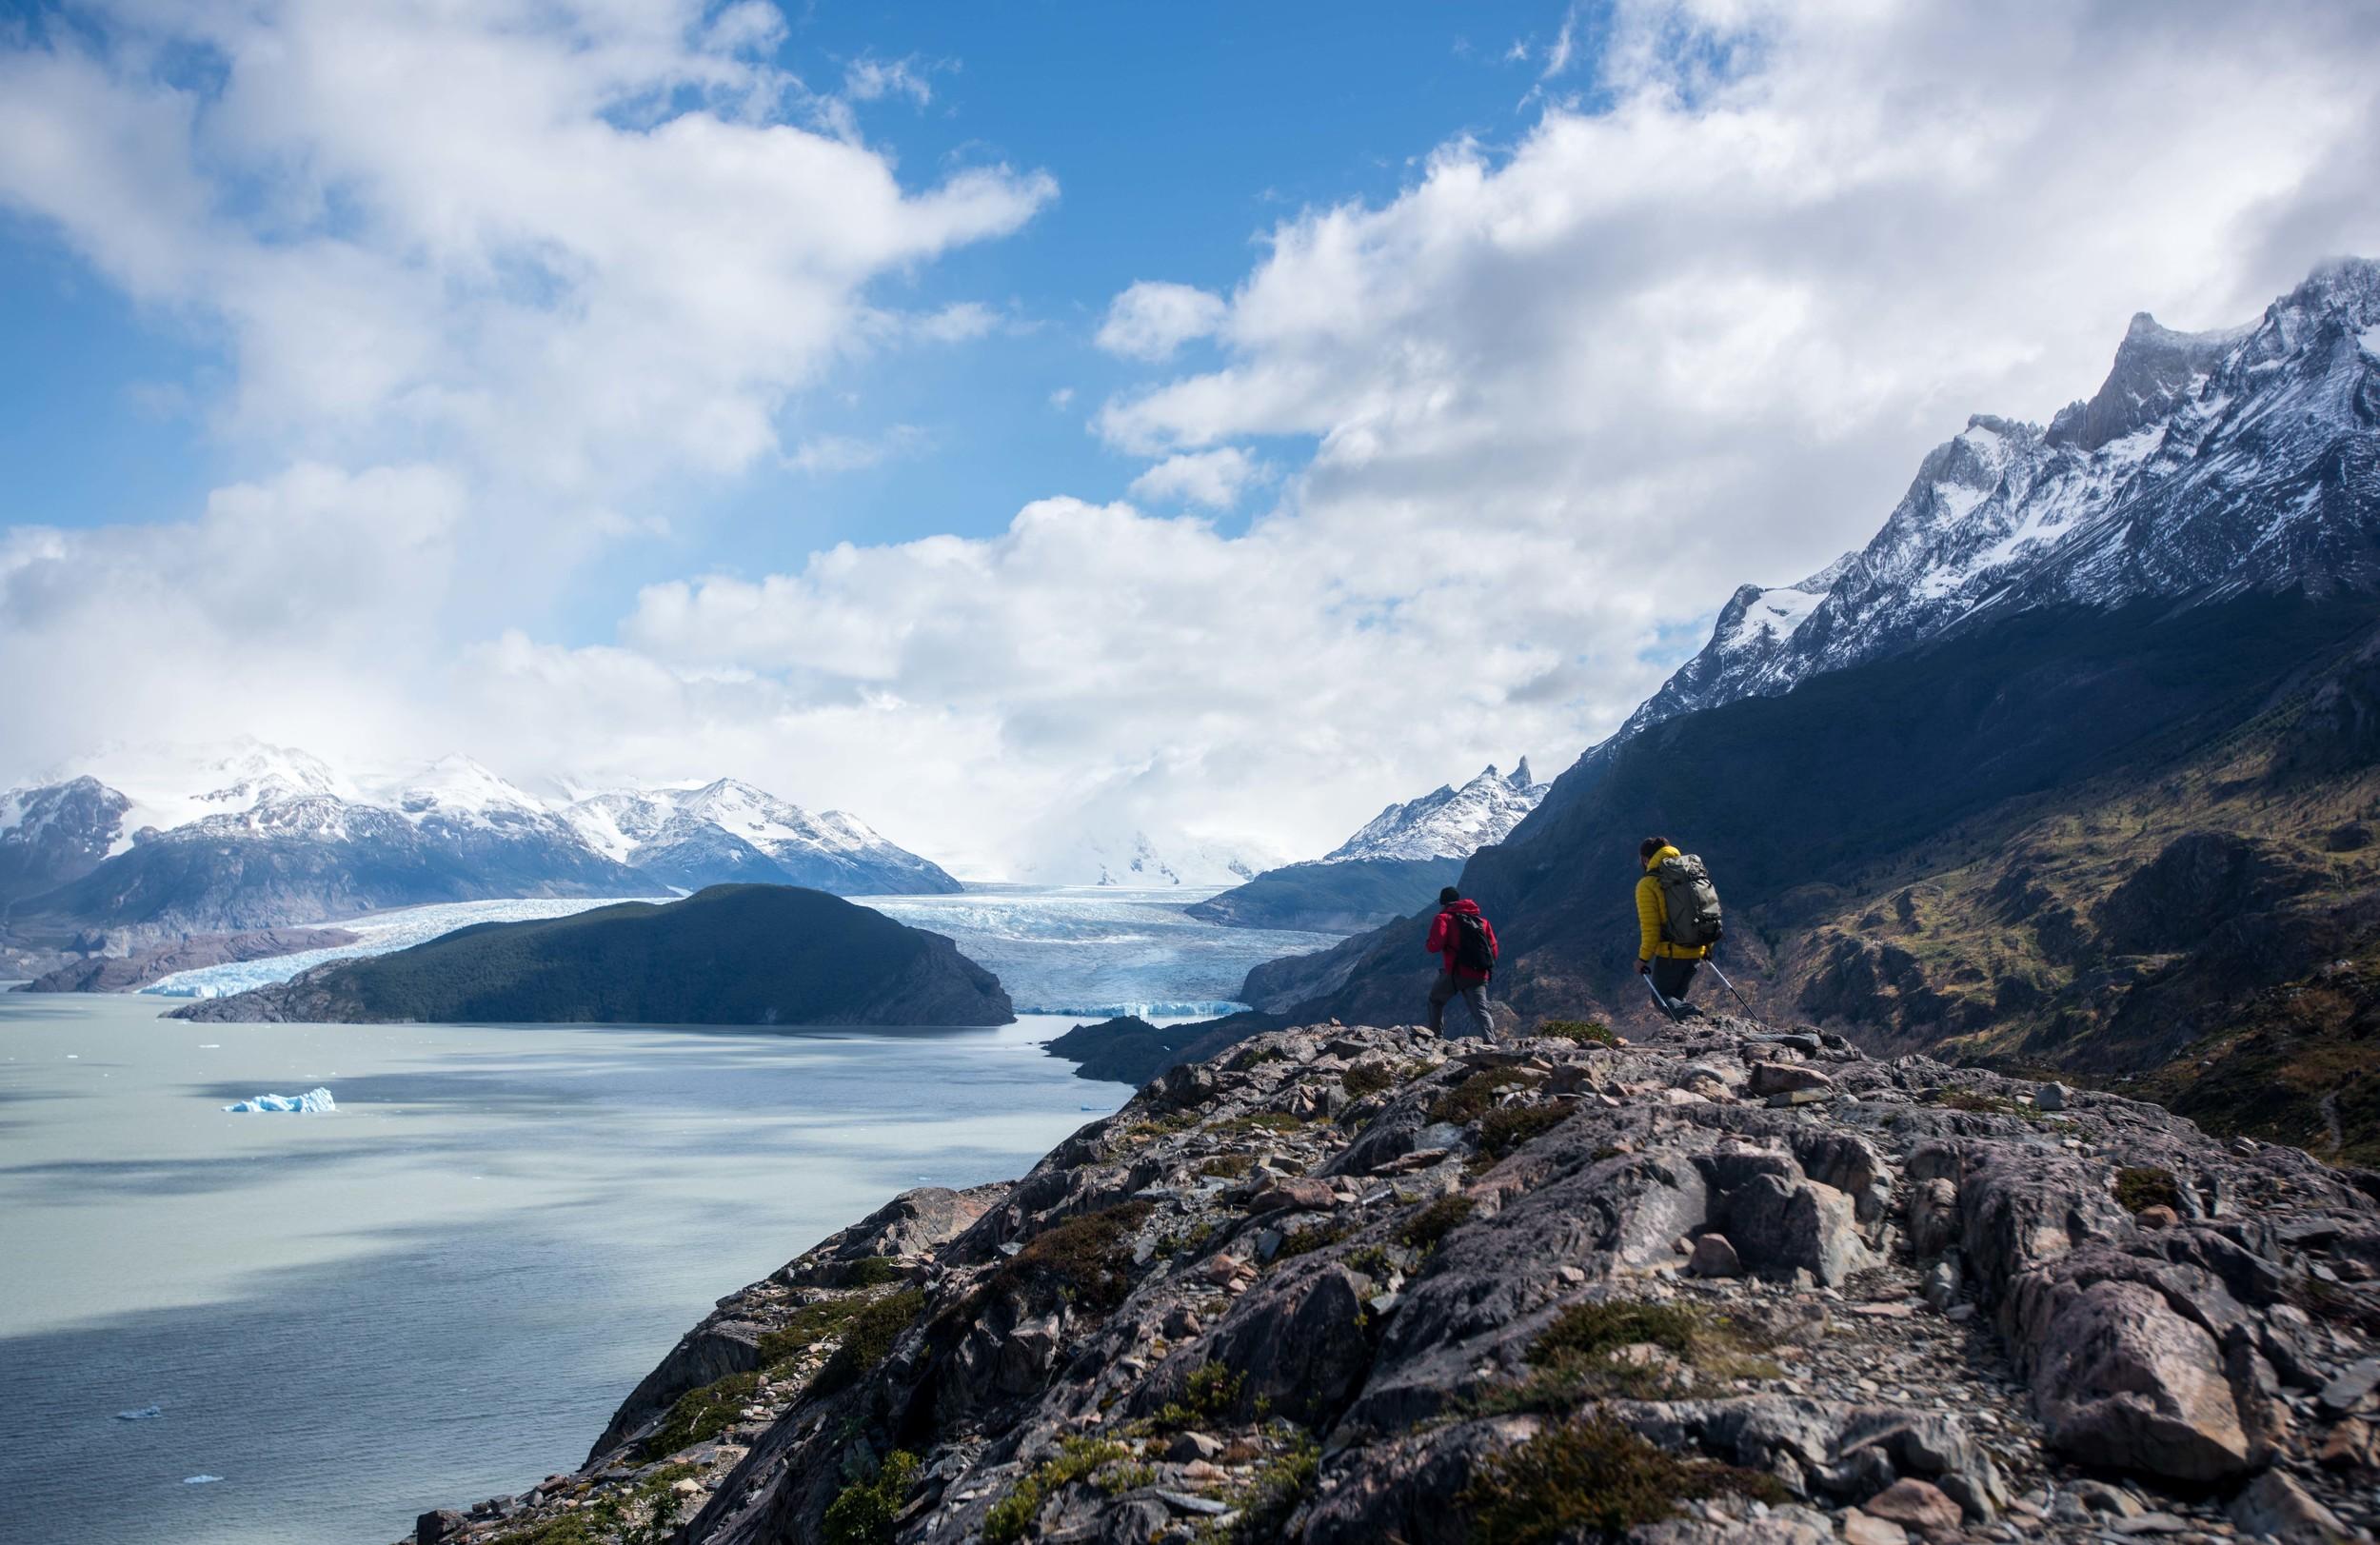 Overlooking the Grey Glacier.